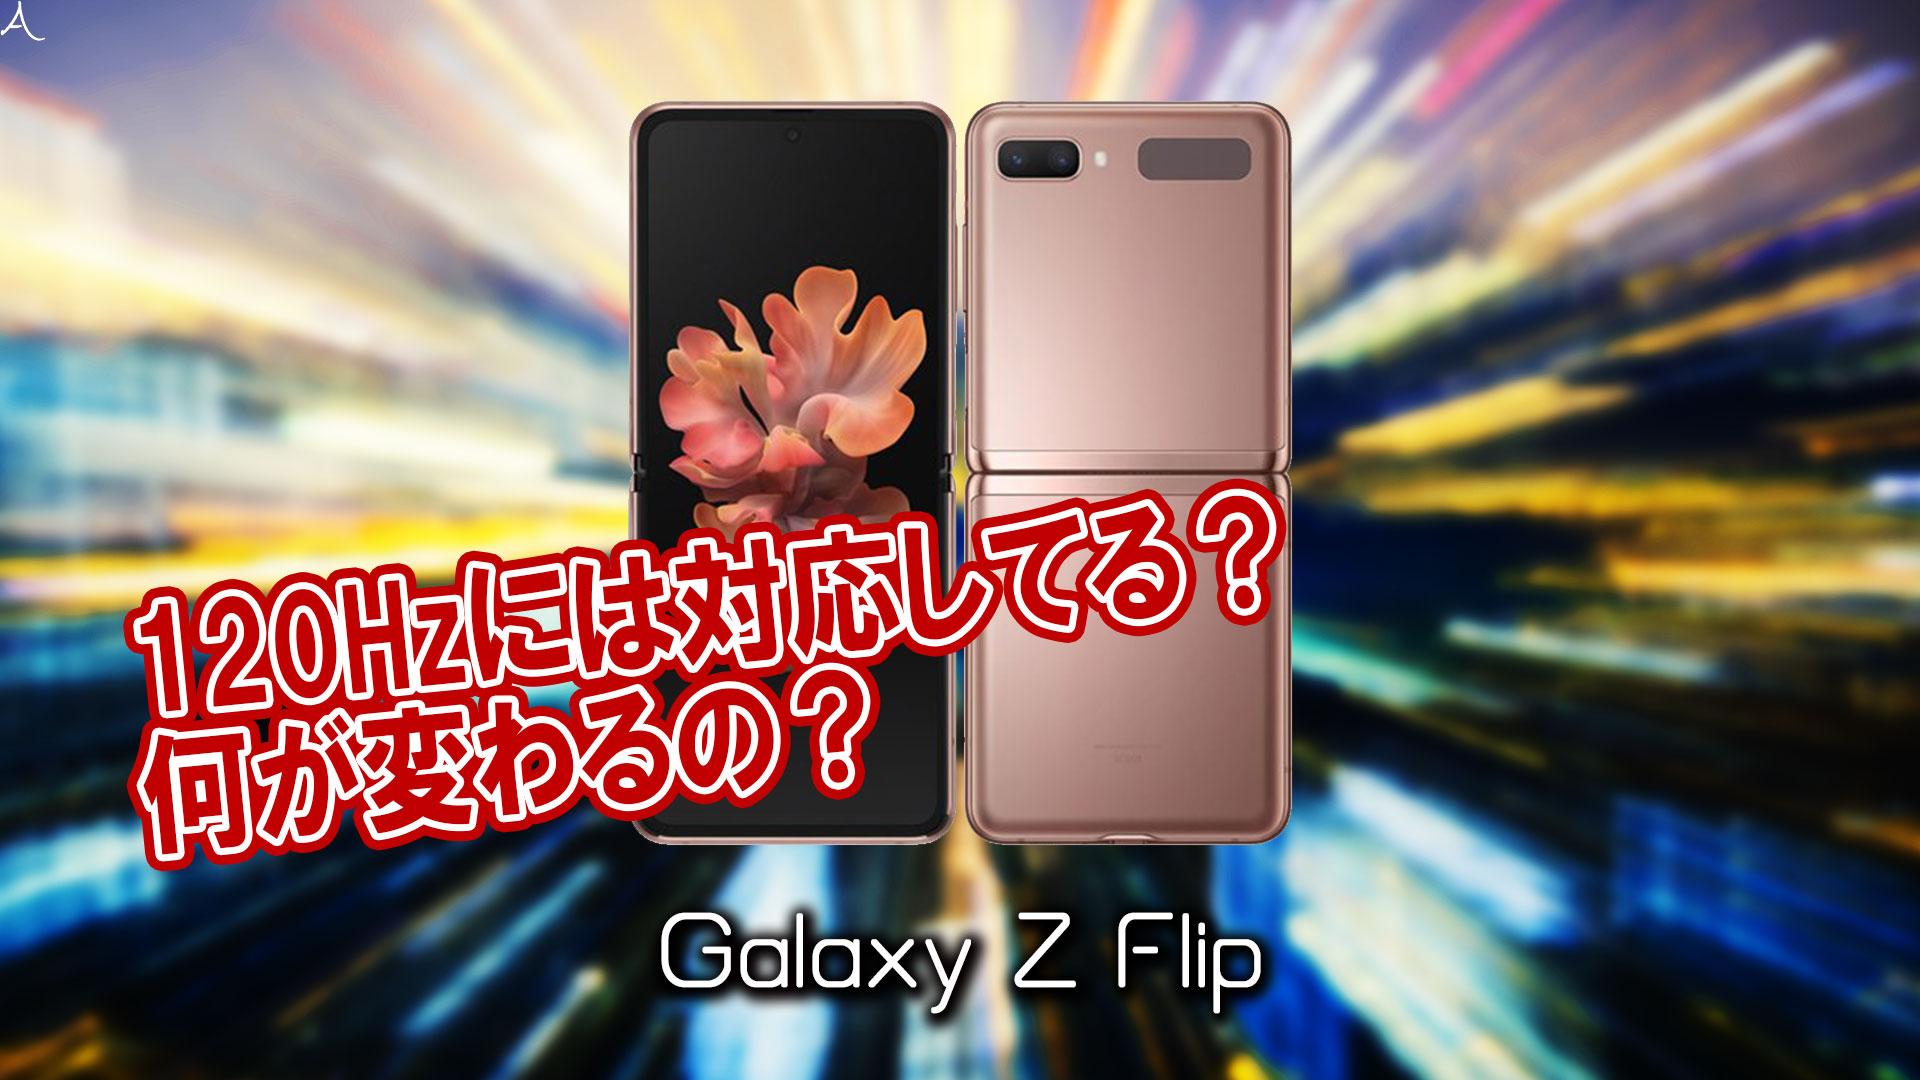 「Galaxy Z Flip」のリフレッシュレートはいくつ?120Hz対応してる?